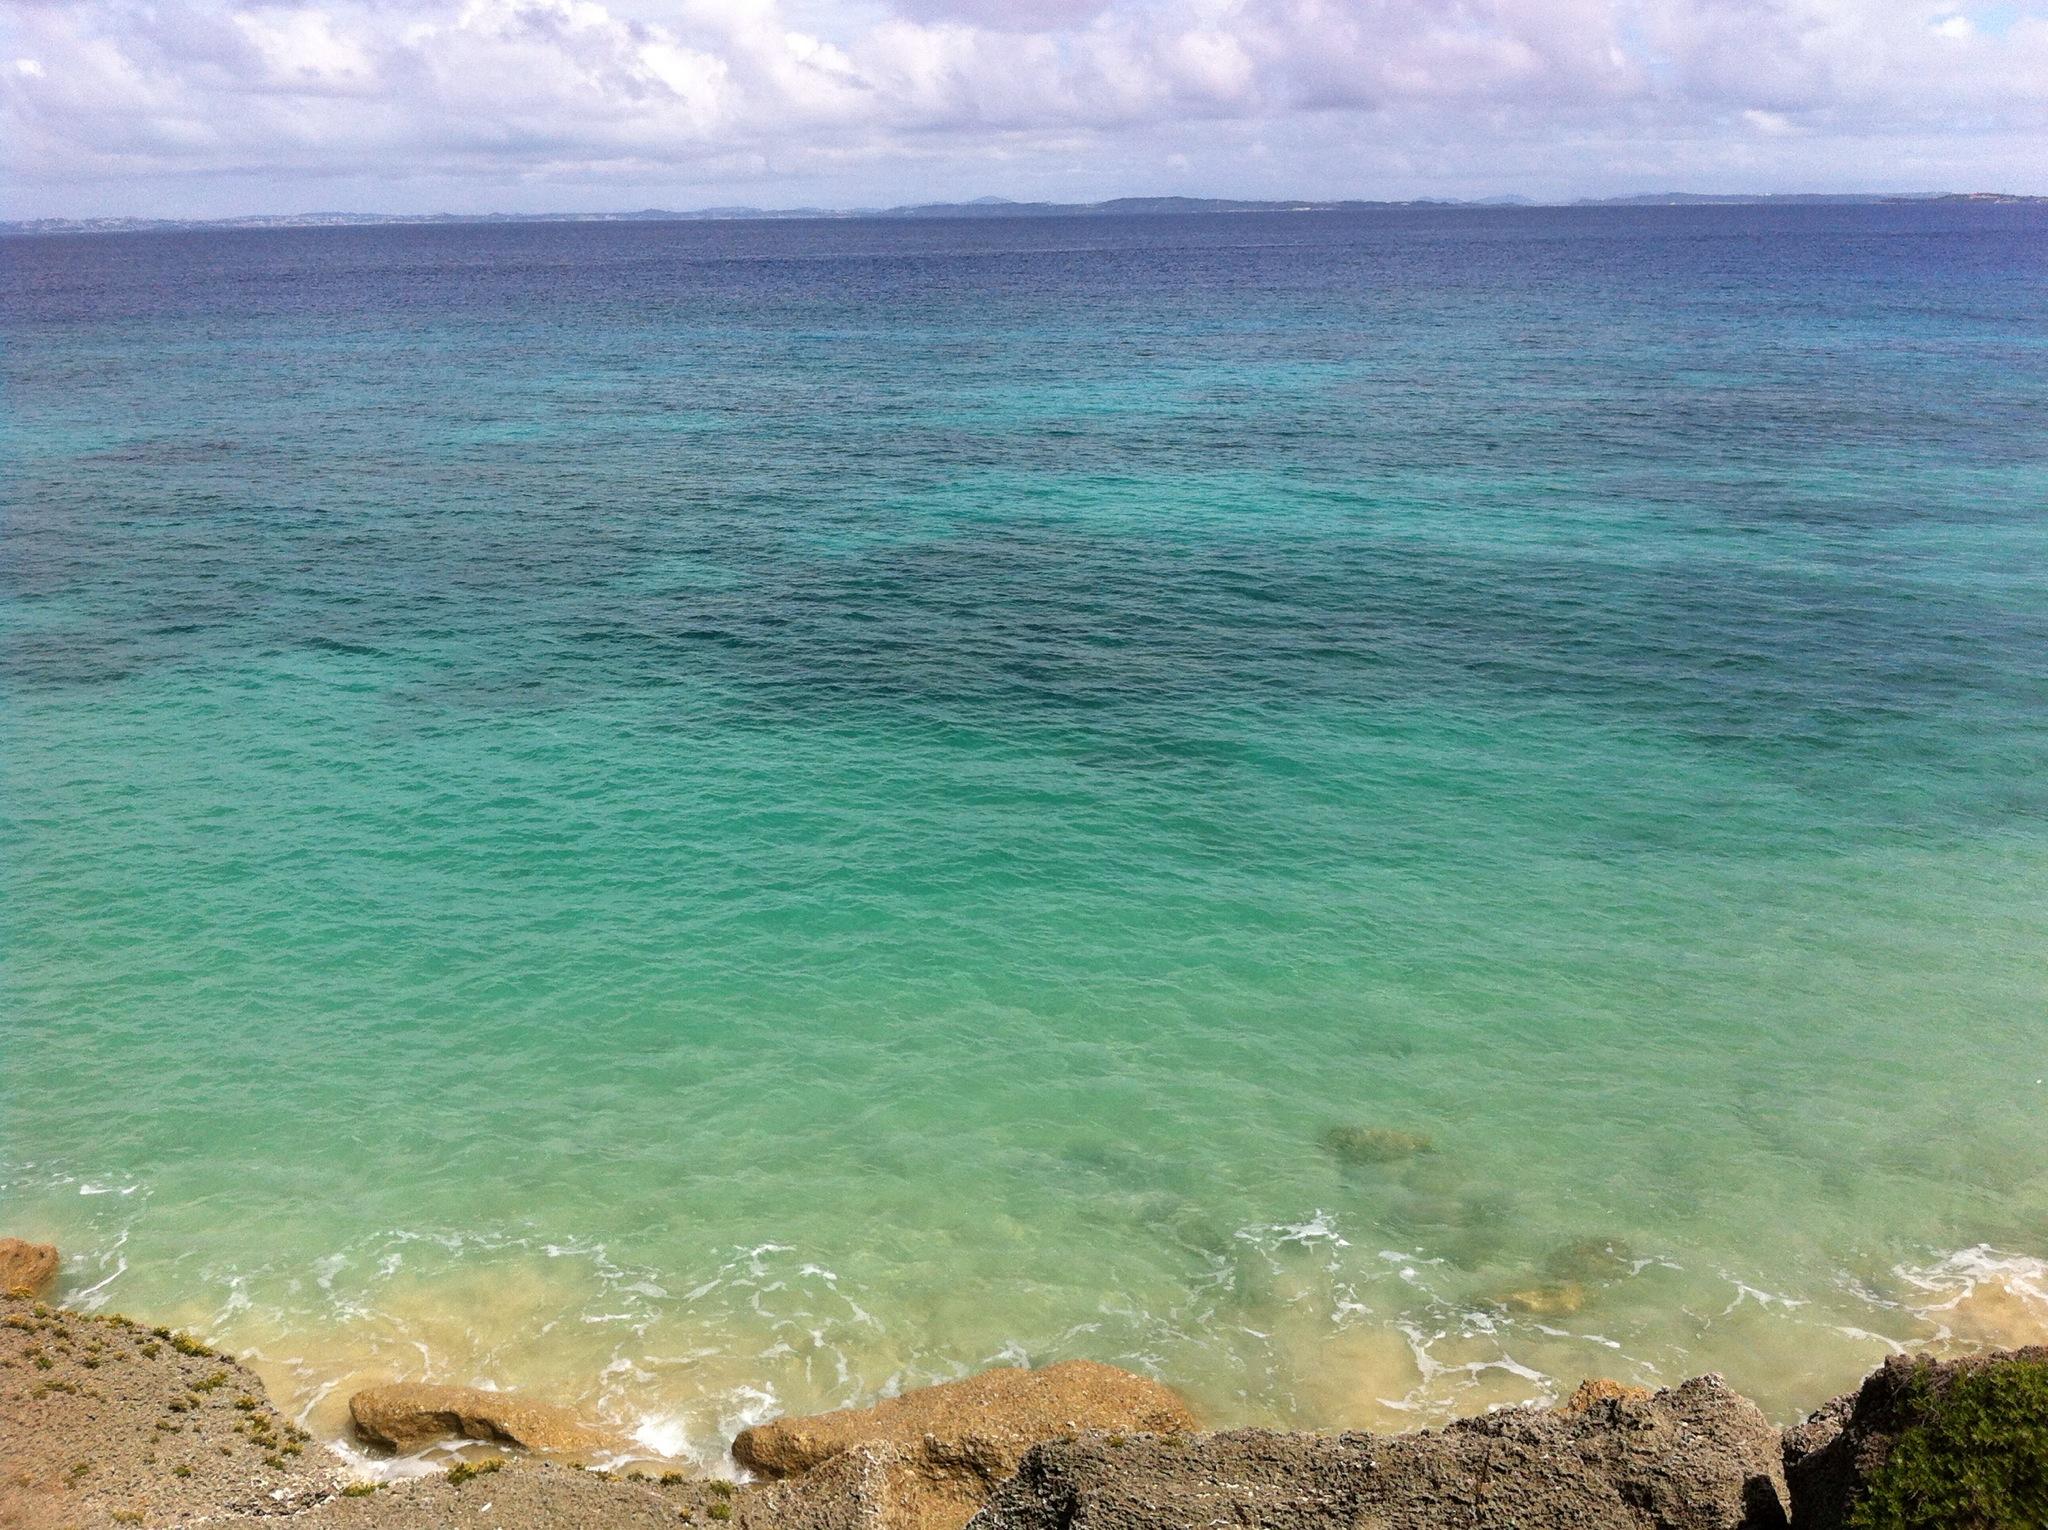 ほんとうに自然に囲まれた島で美しいです!!③